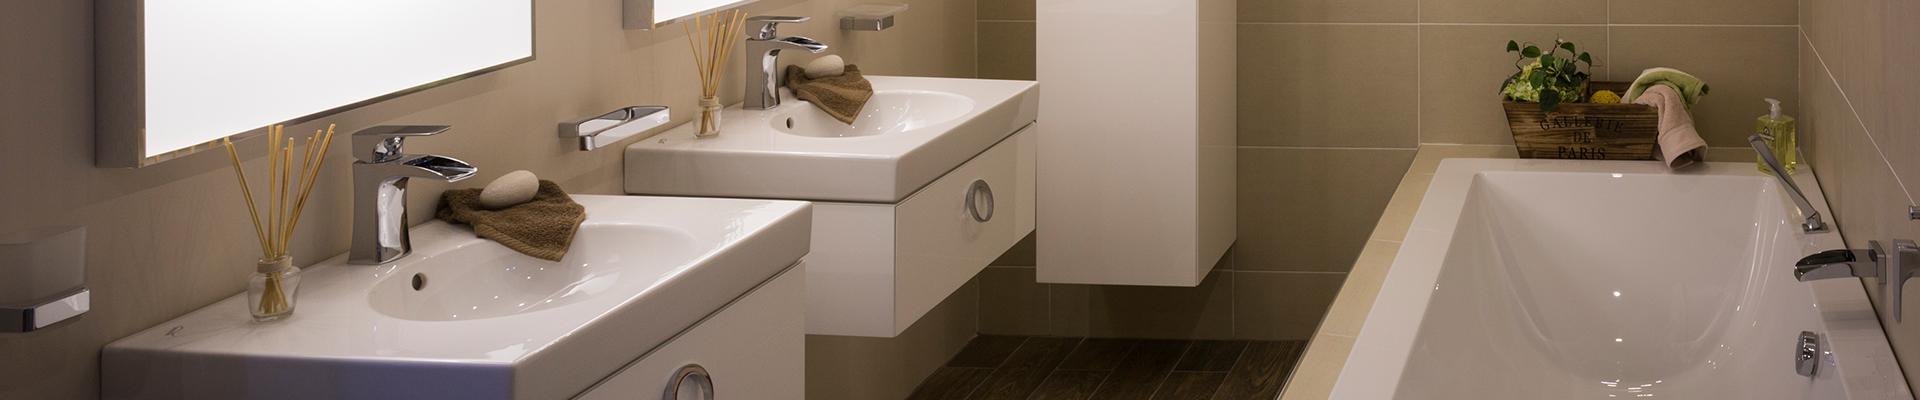 Home | Beamans Bathrooms